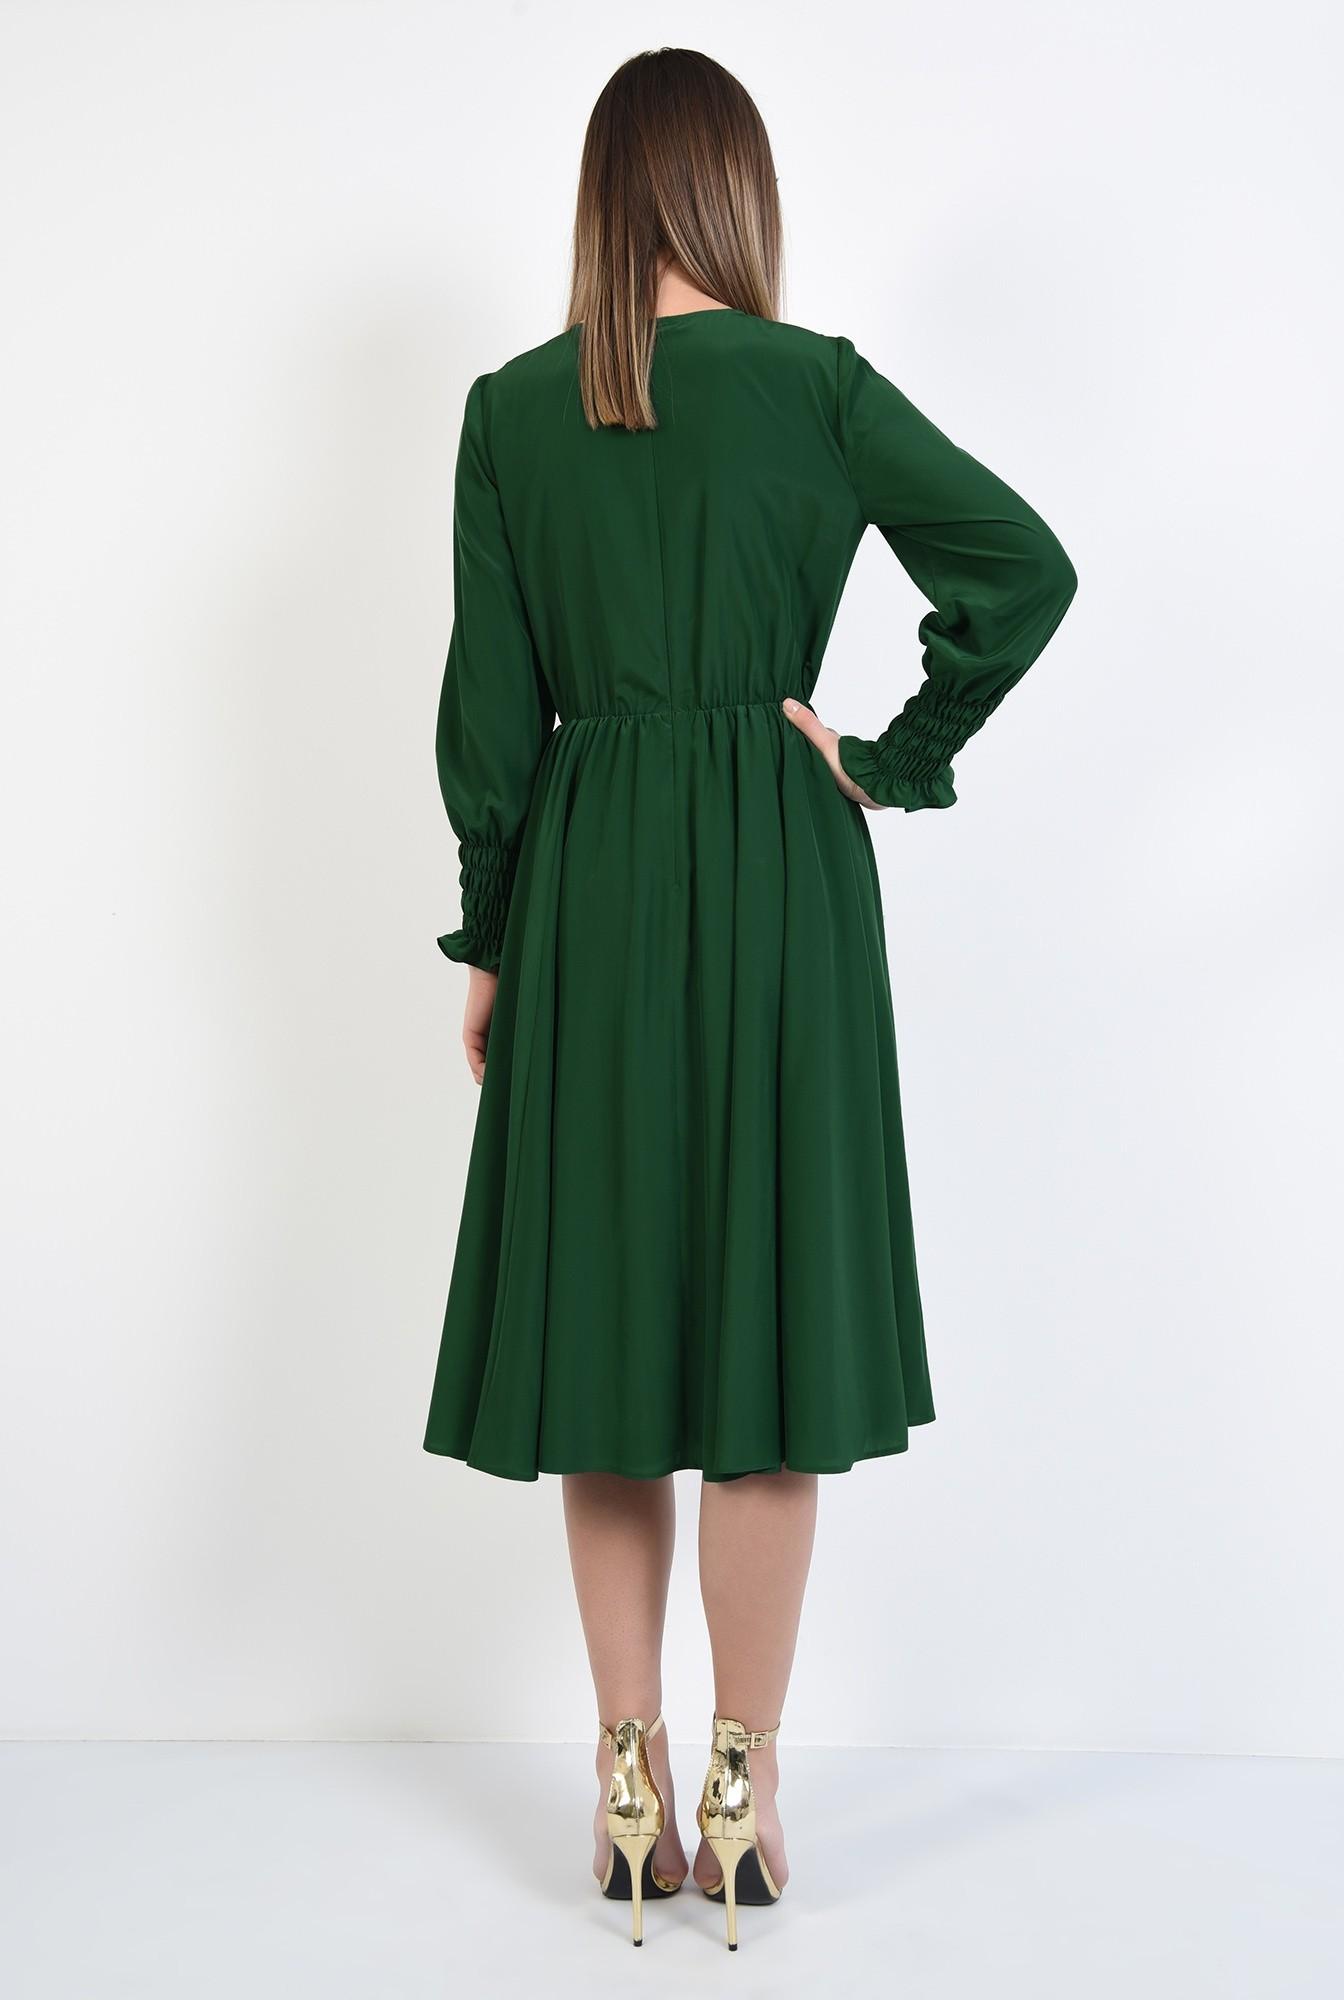 1 - rochie de zi, pe bie, maneci cu mansete late, elastic in talie